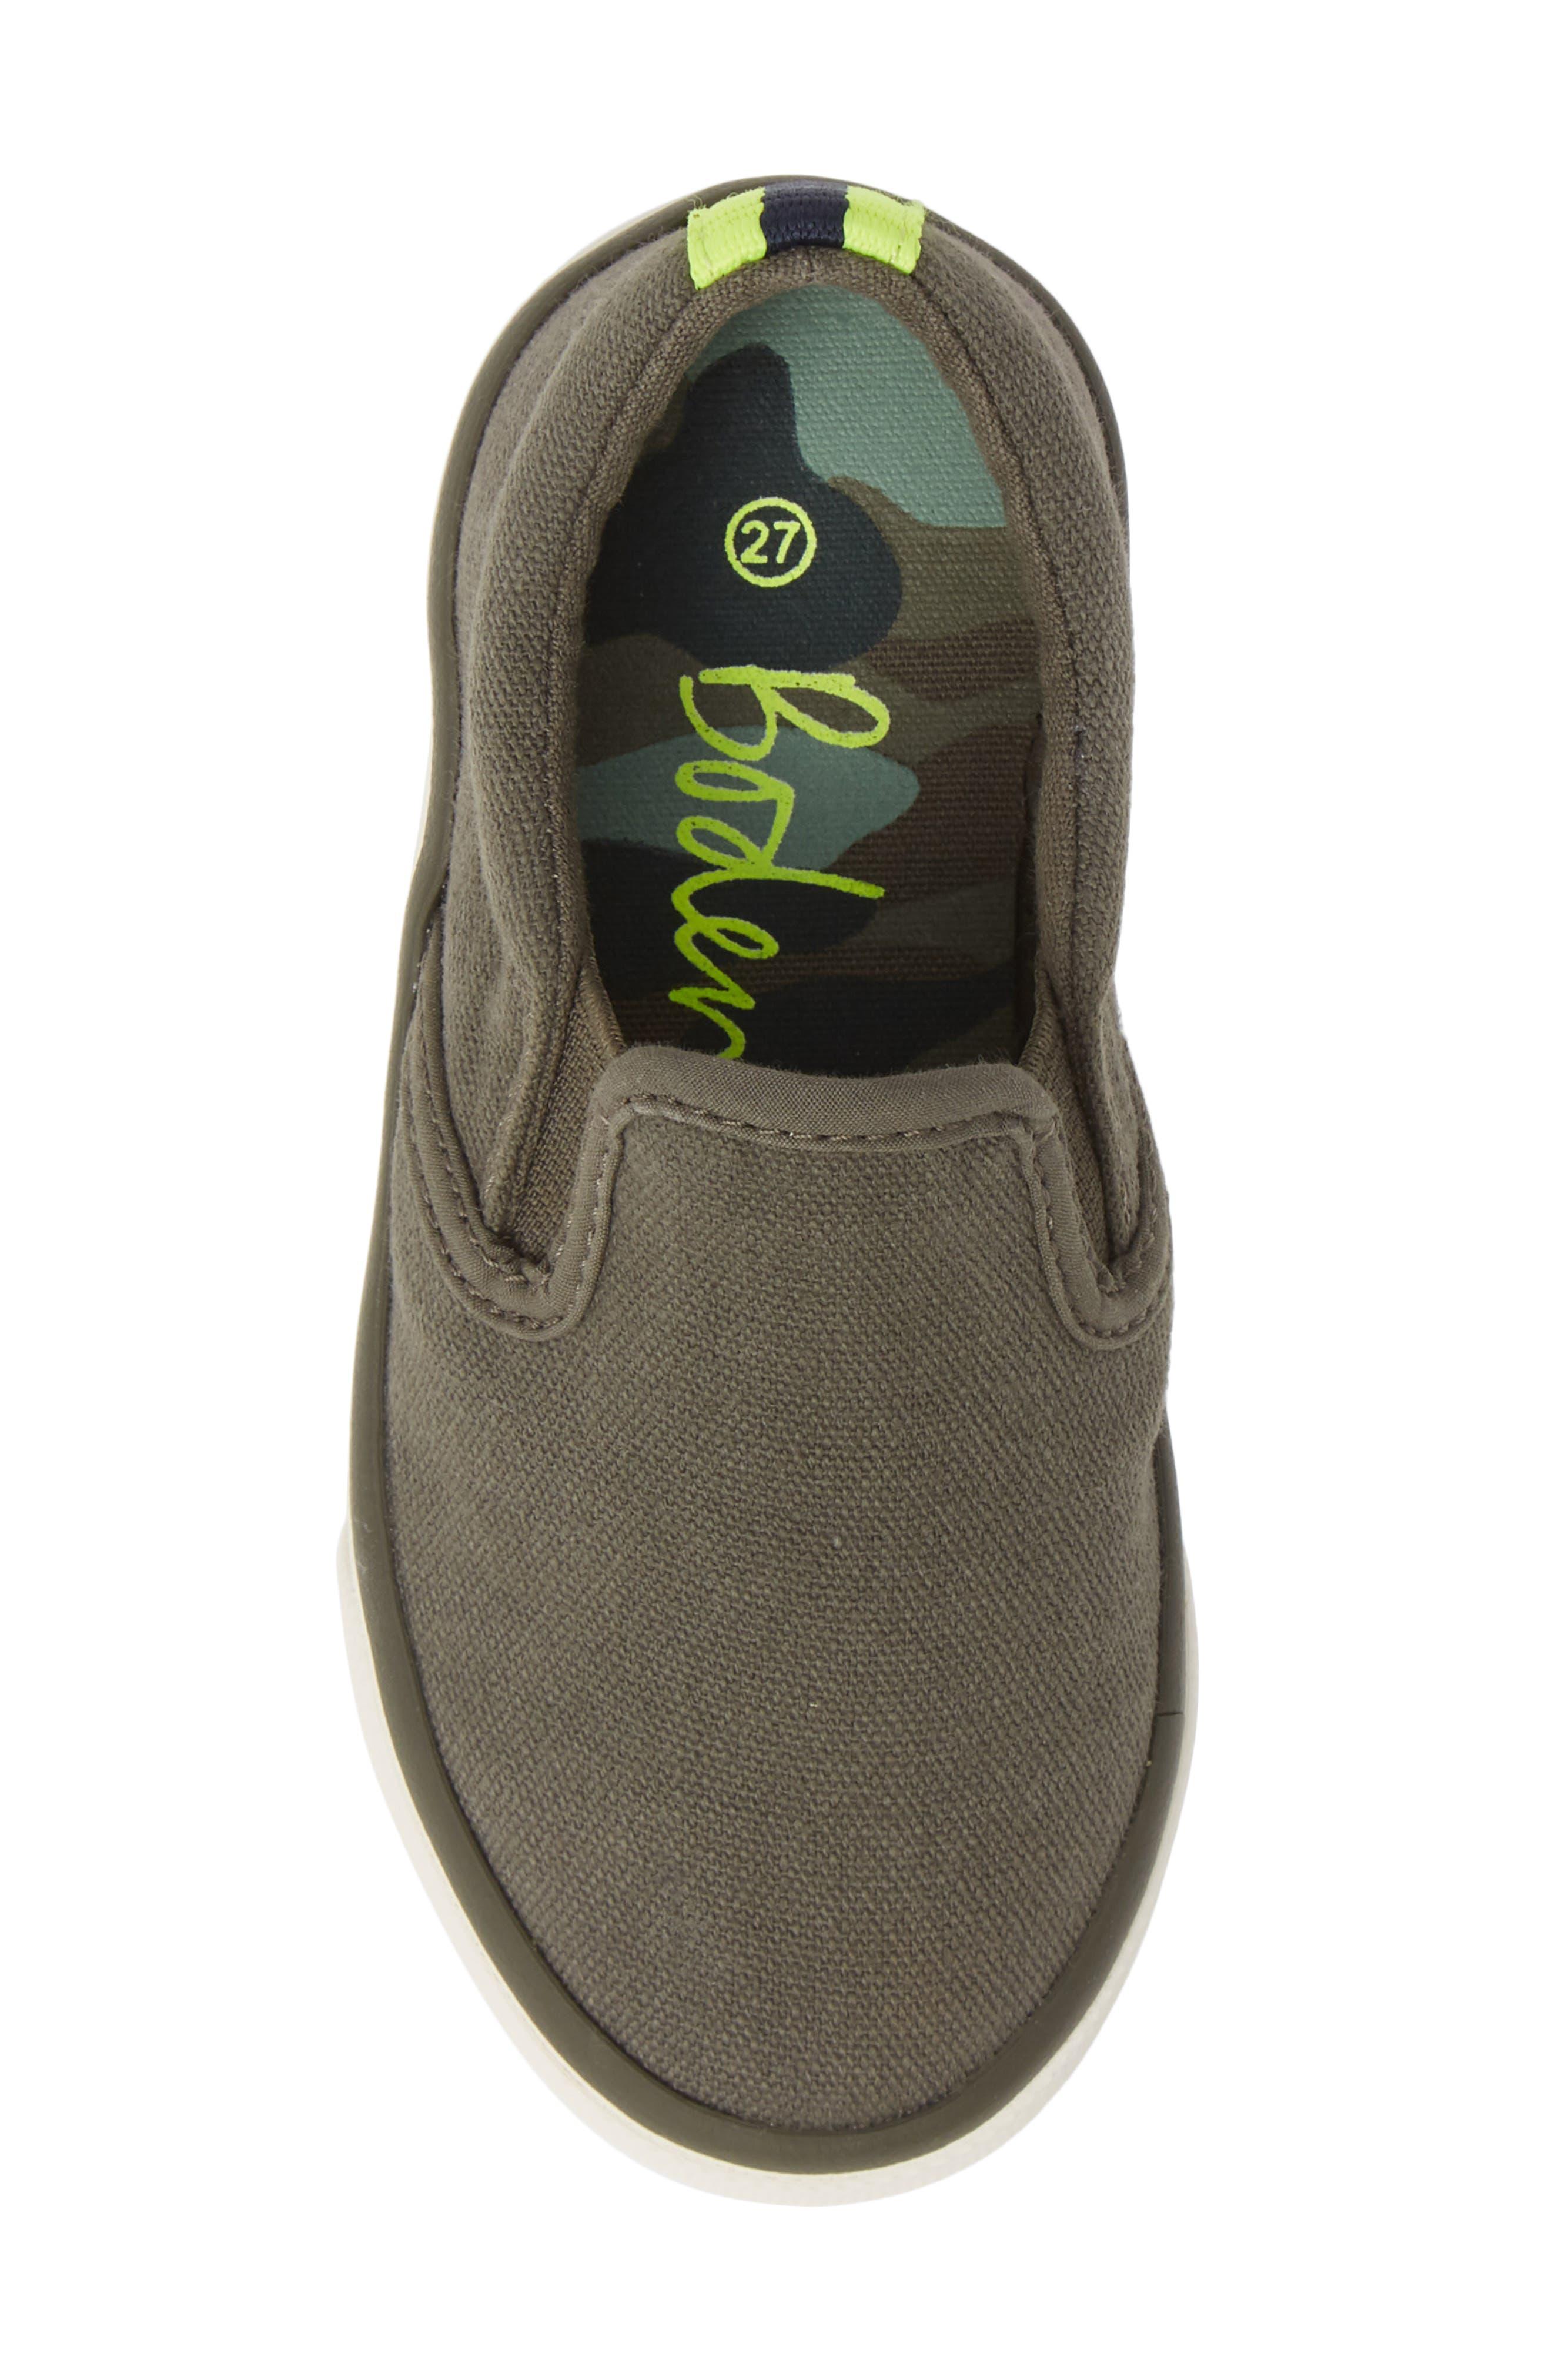 MINI BODEN,                             Slip-On Sneaker,                             Alternate thumbnail 5, color,                             ARMY GREEN